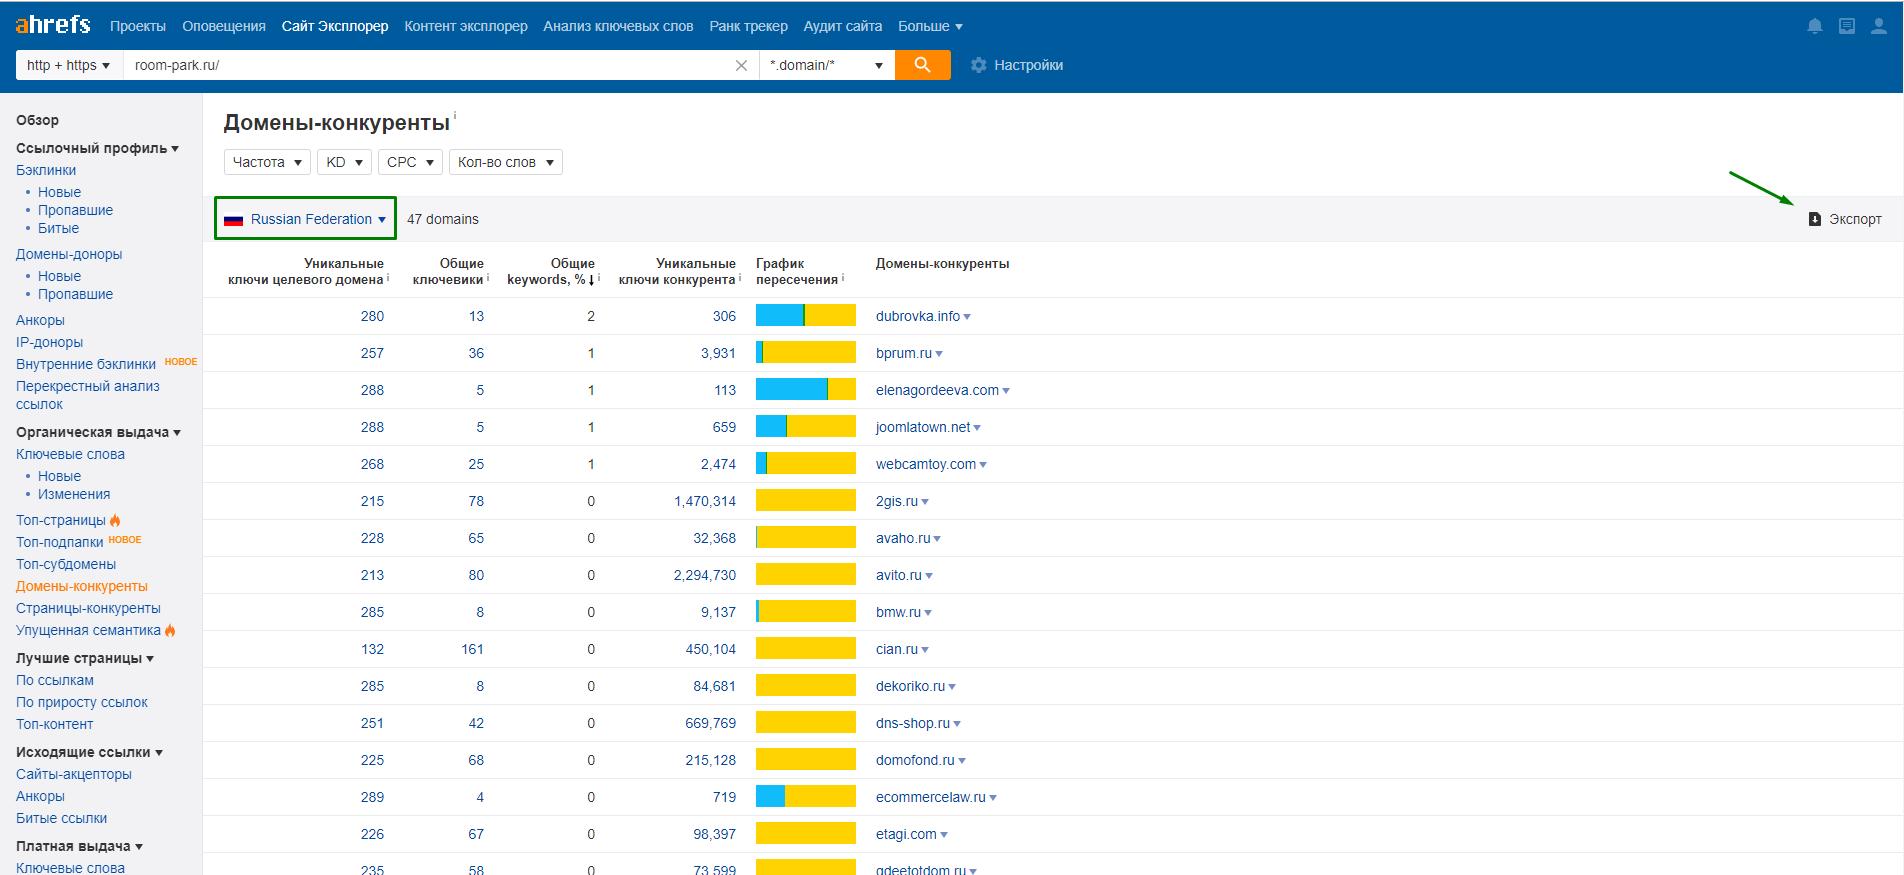 Как улучшить репутацию сайта недвижимости с помощью крауд-маркетинга